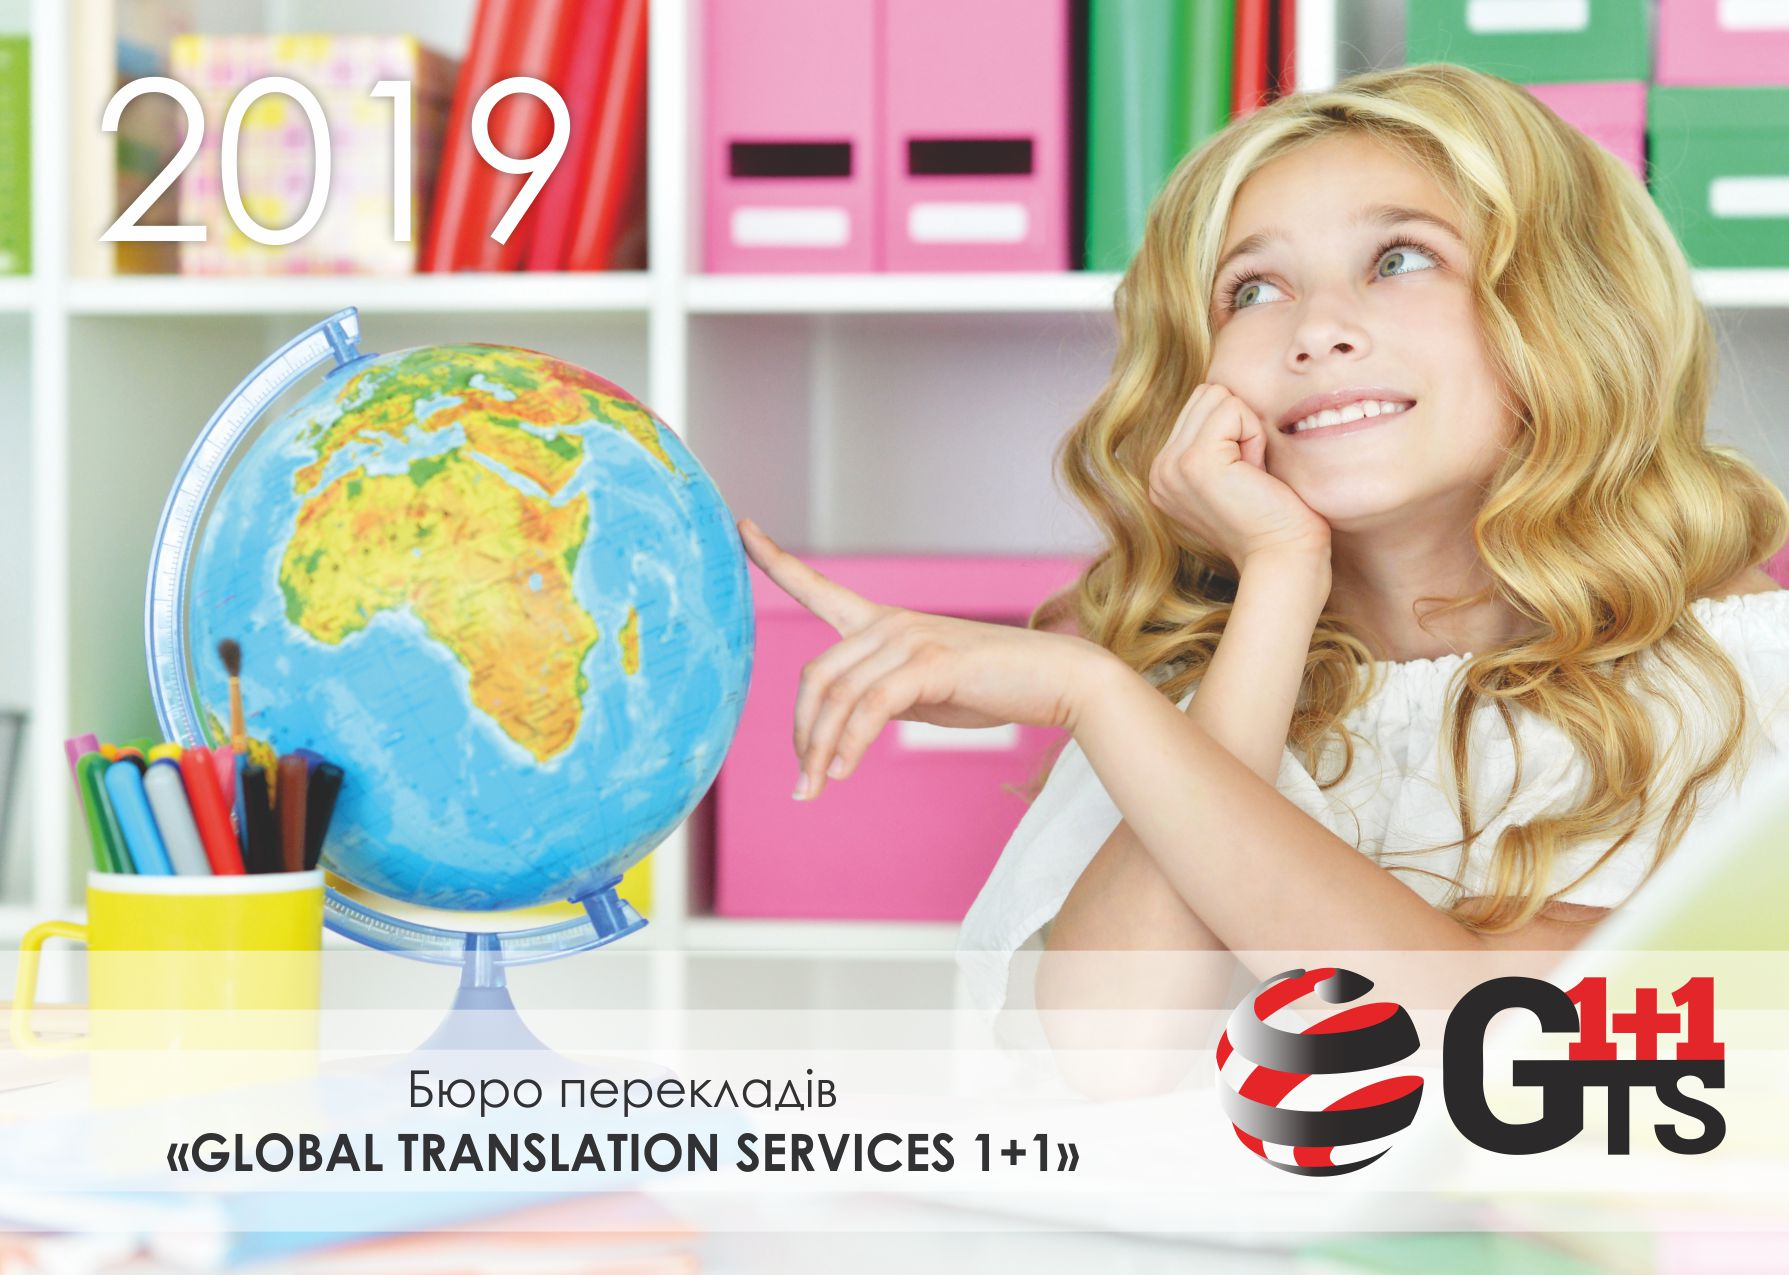 Дизайн квартального календаря бюро переводов GTS вариант №3 www.makety.top